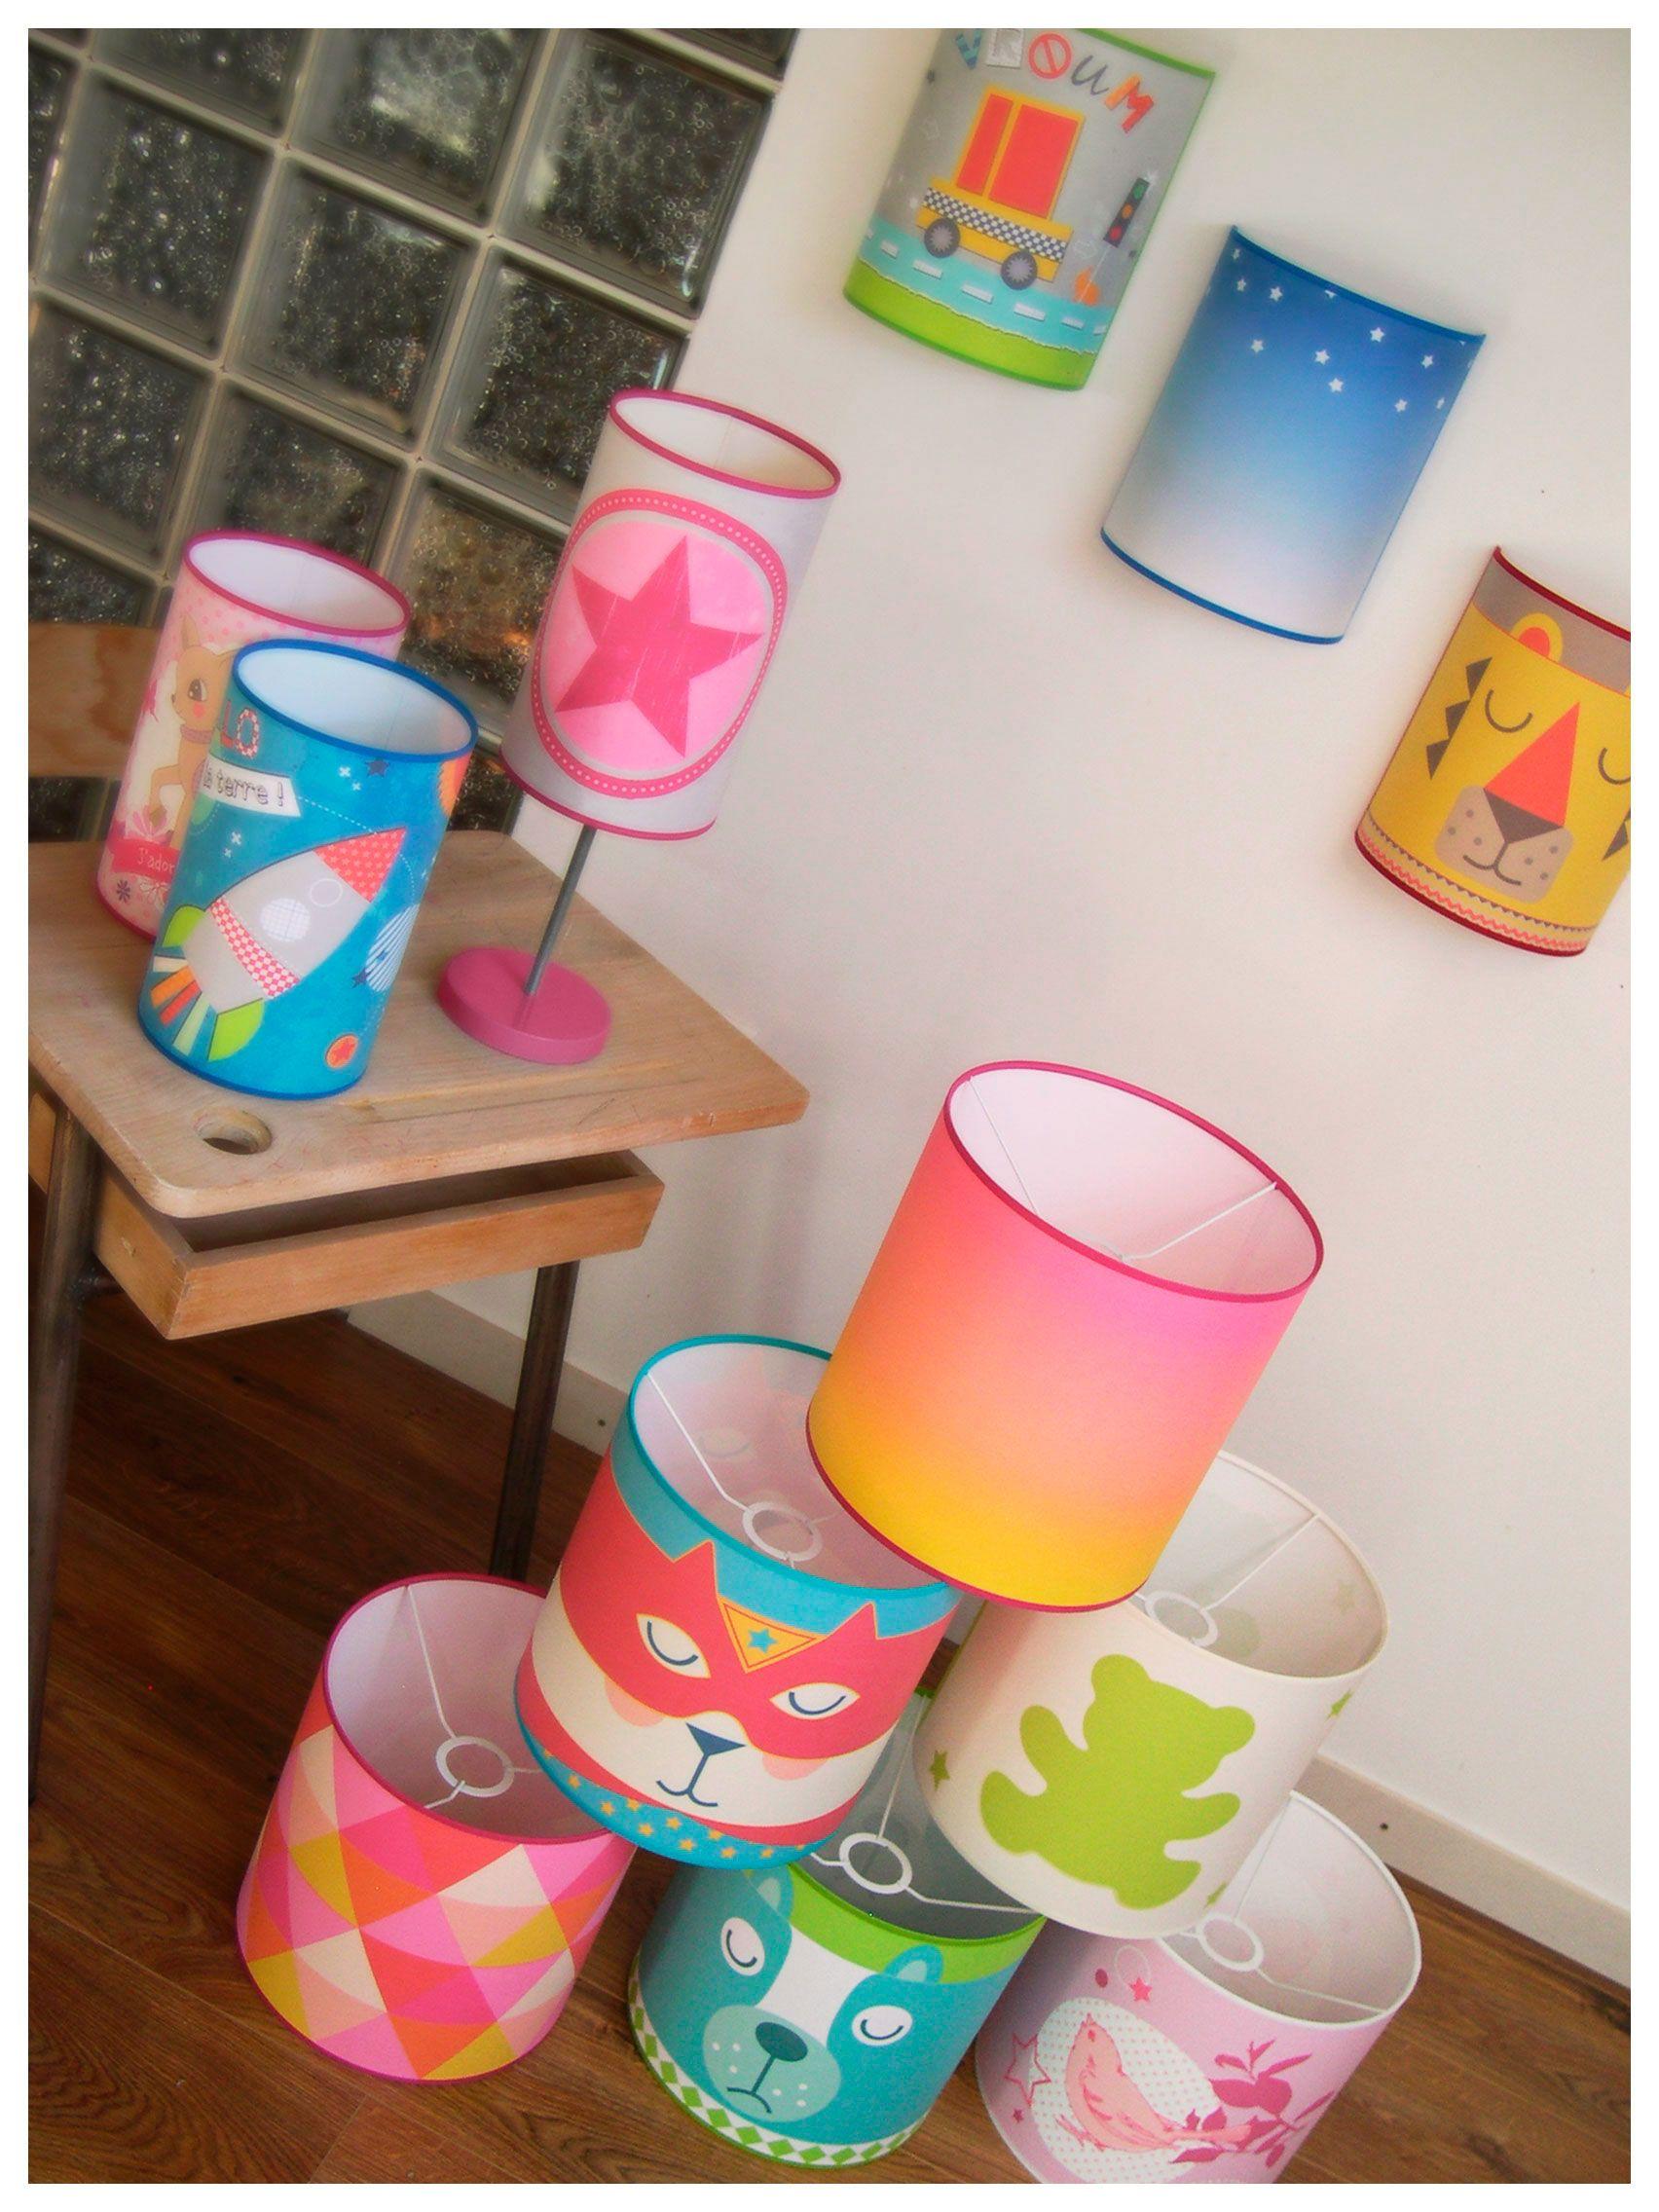 Collection de luminaires créatifs colorés et personnalisables